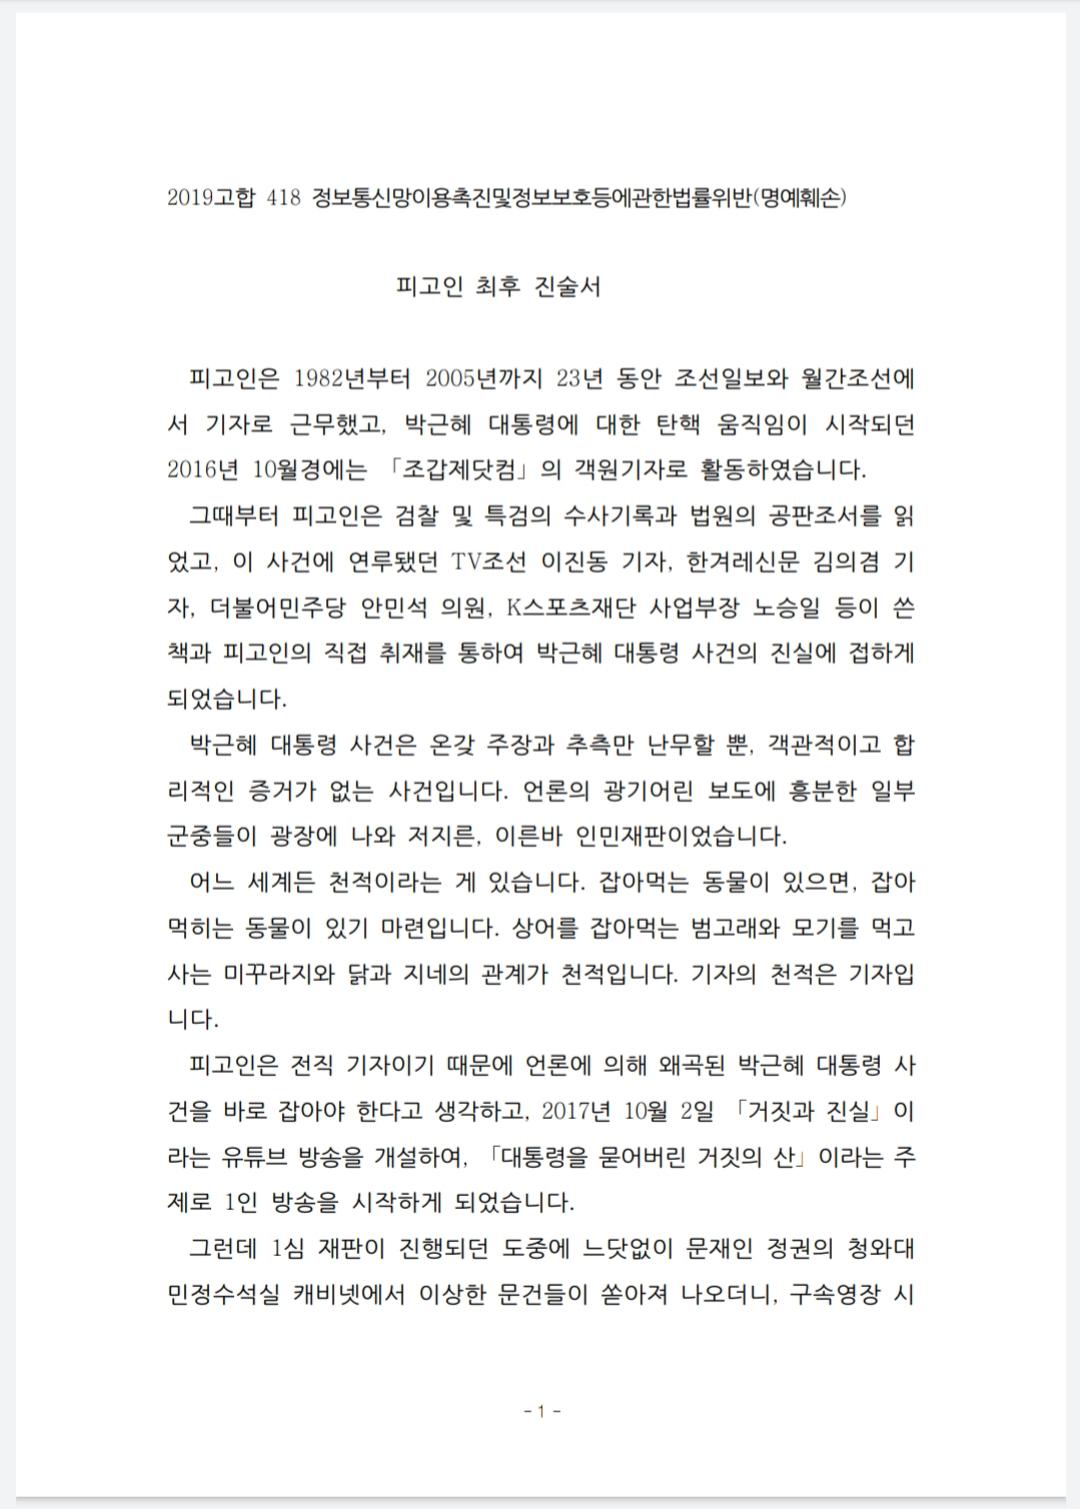 조국 사건 피고인 최후진술